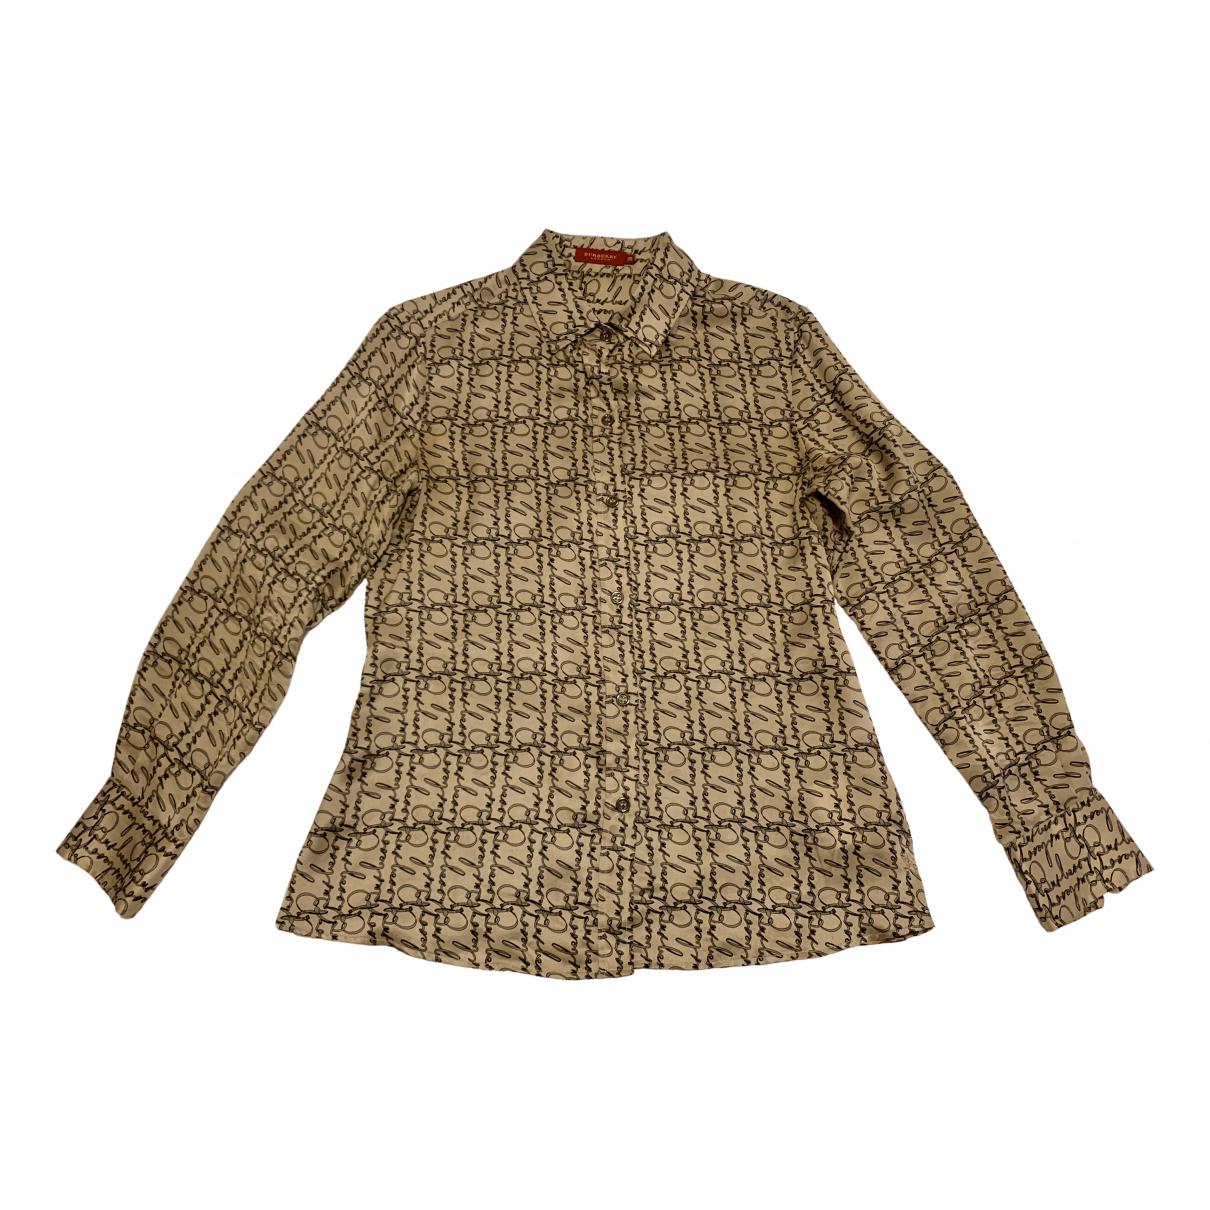 Burberry - Top   pour femme en soie - multicolore